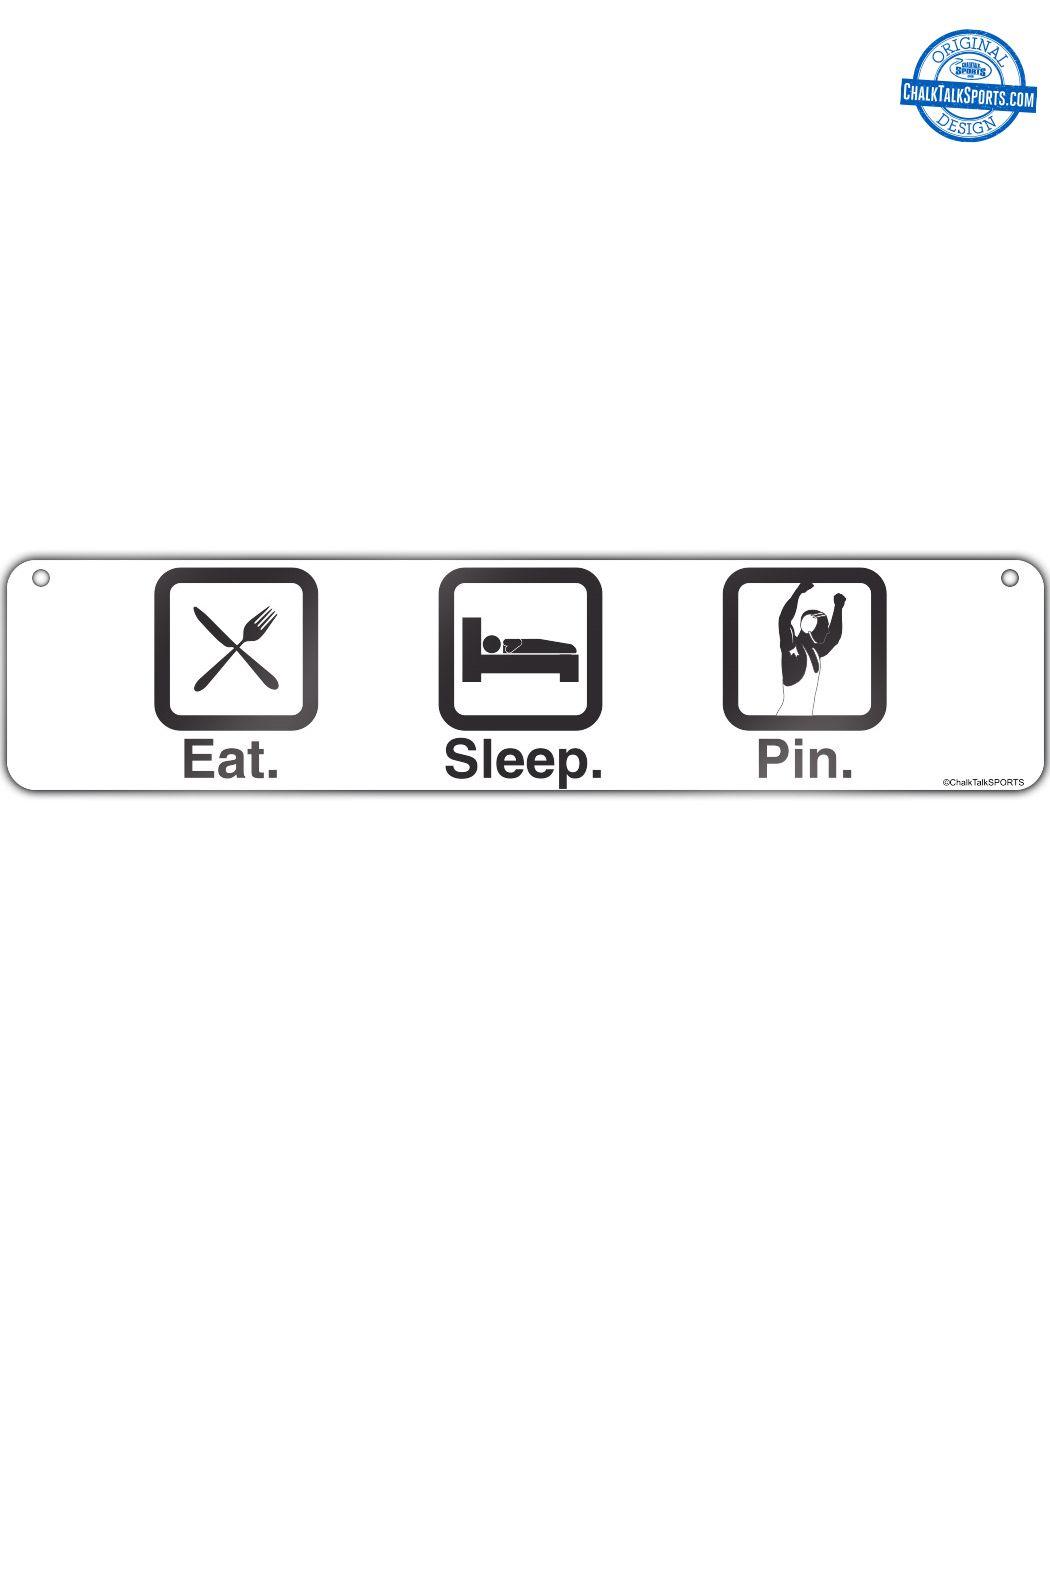 Wrestling Room Design: Eat. Sleep. Pin. We Have The Ultimate Wrestling Room Decor